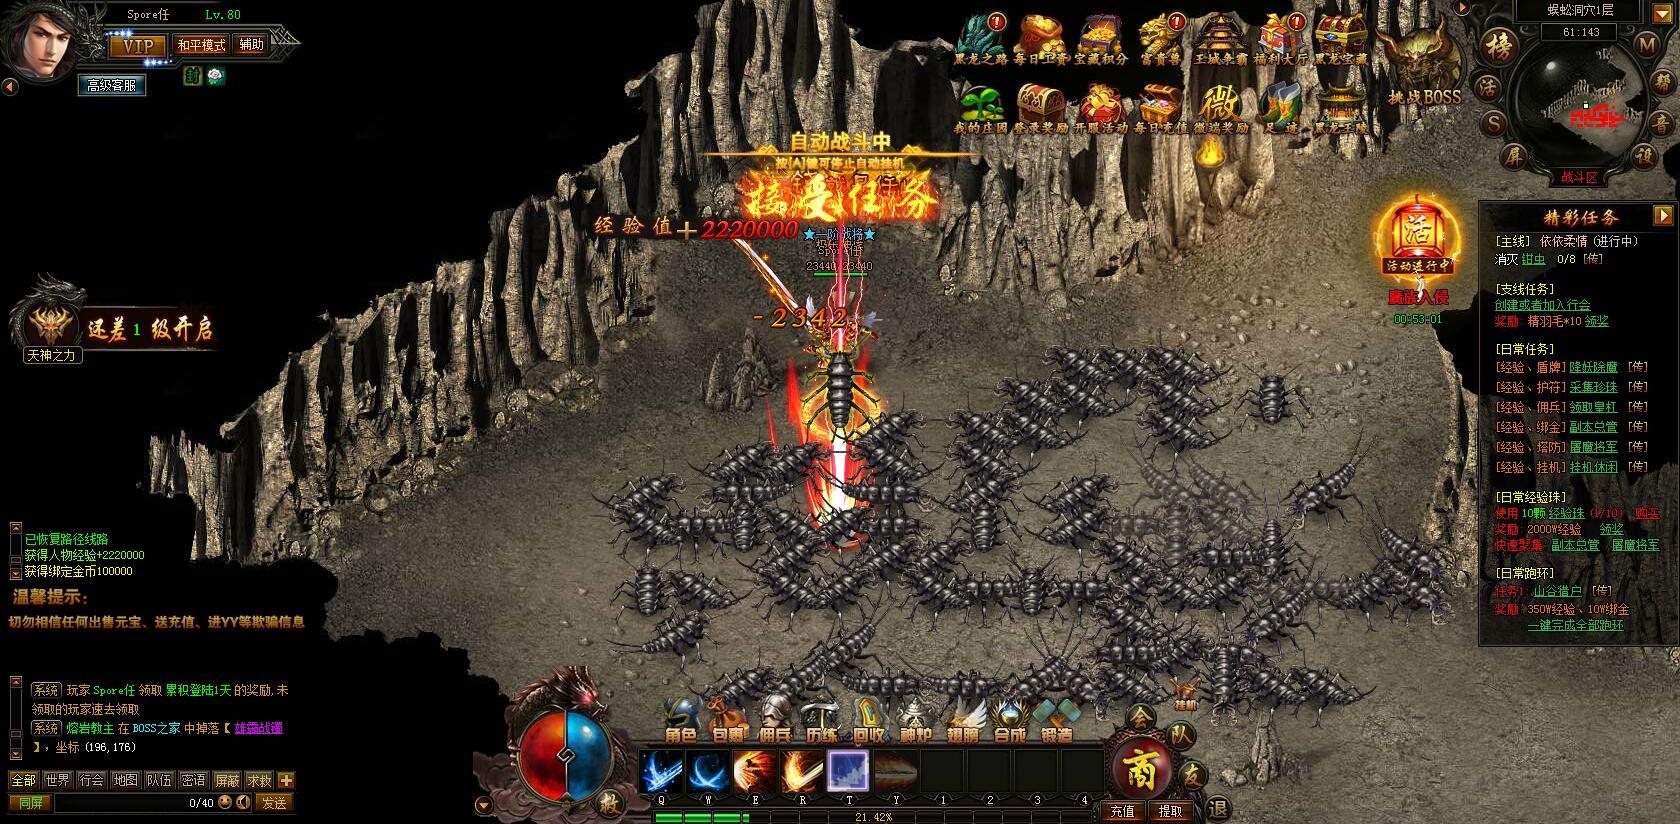 《传奇王者》游戏截图